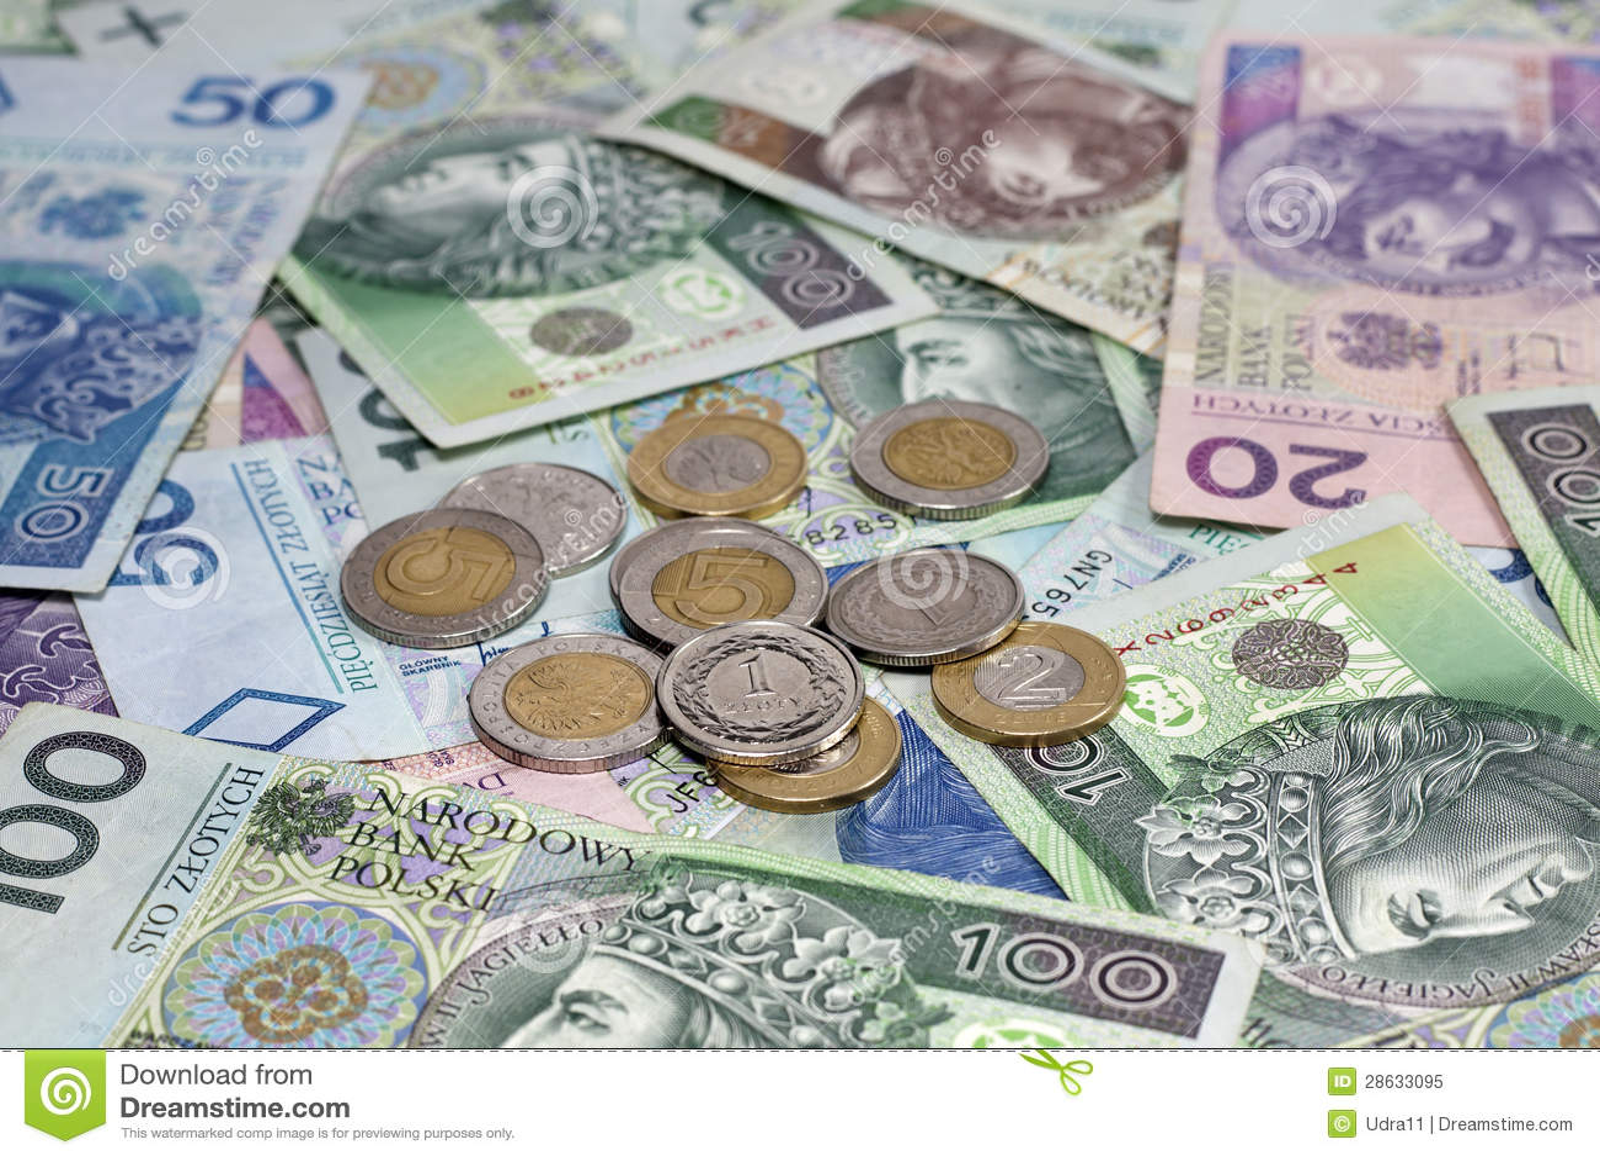 Polnische Geldmünzen Und Banknoten Stockbild Bild Von Krise